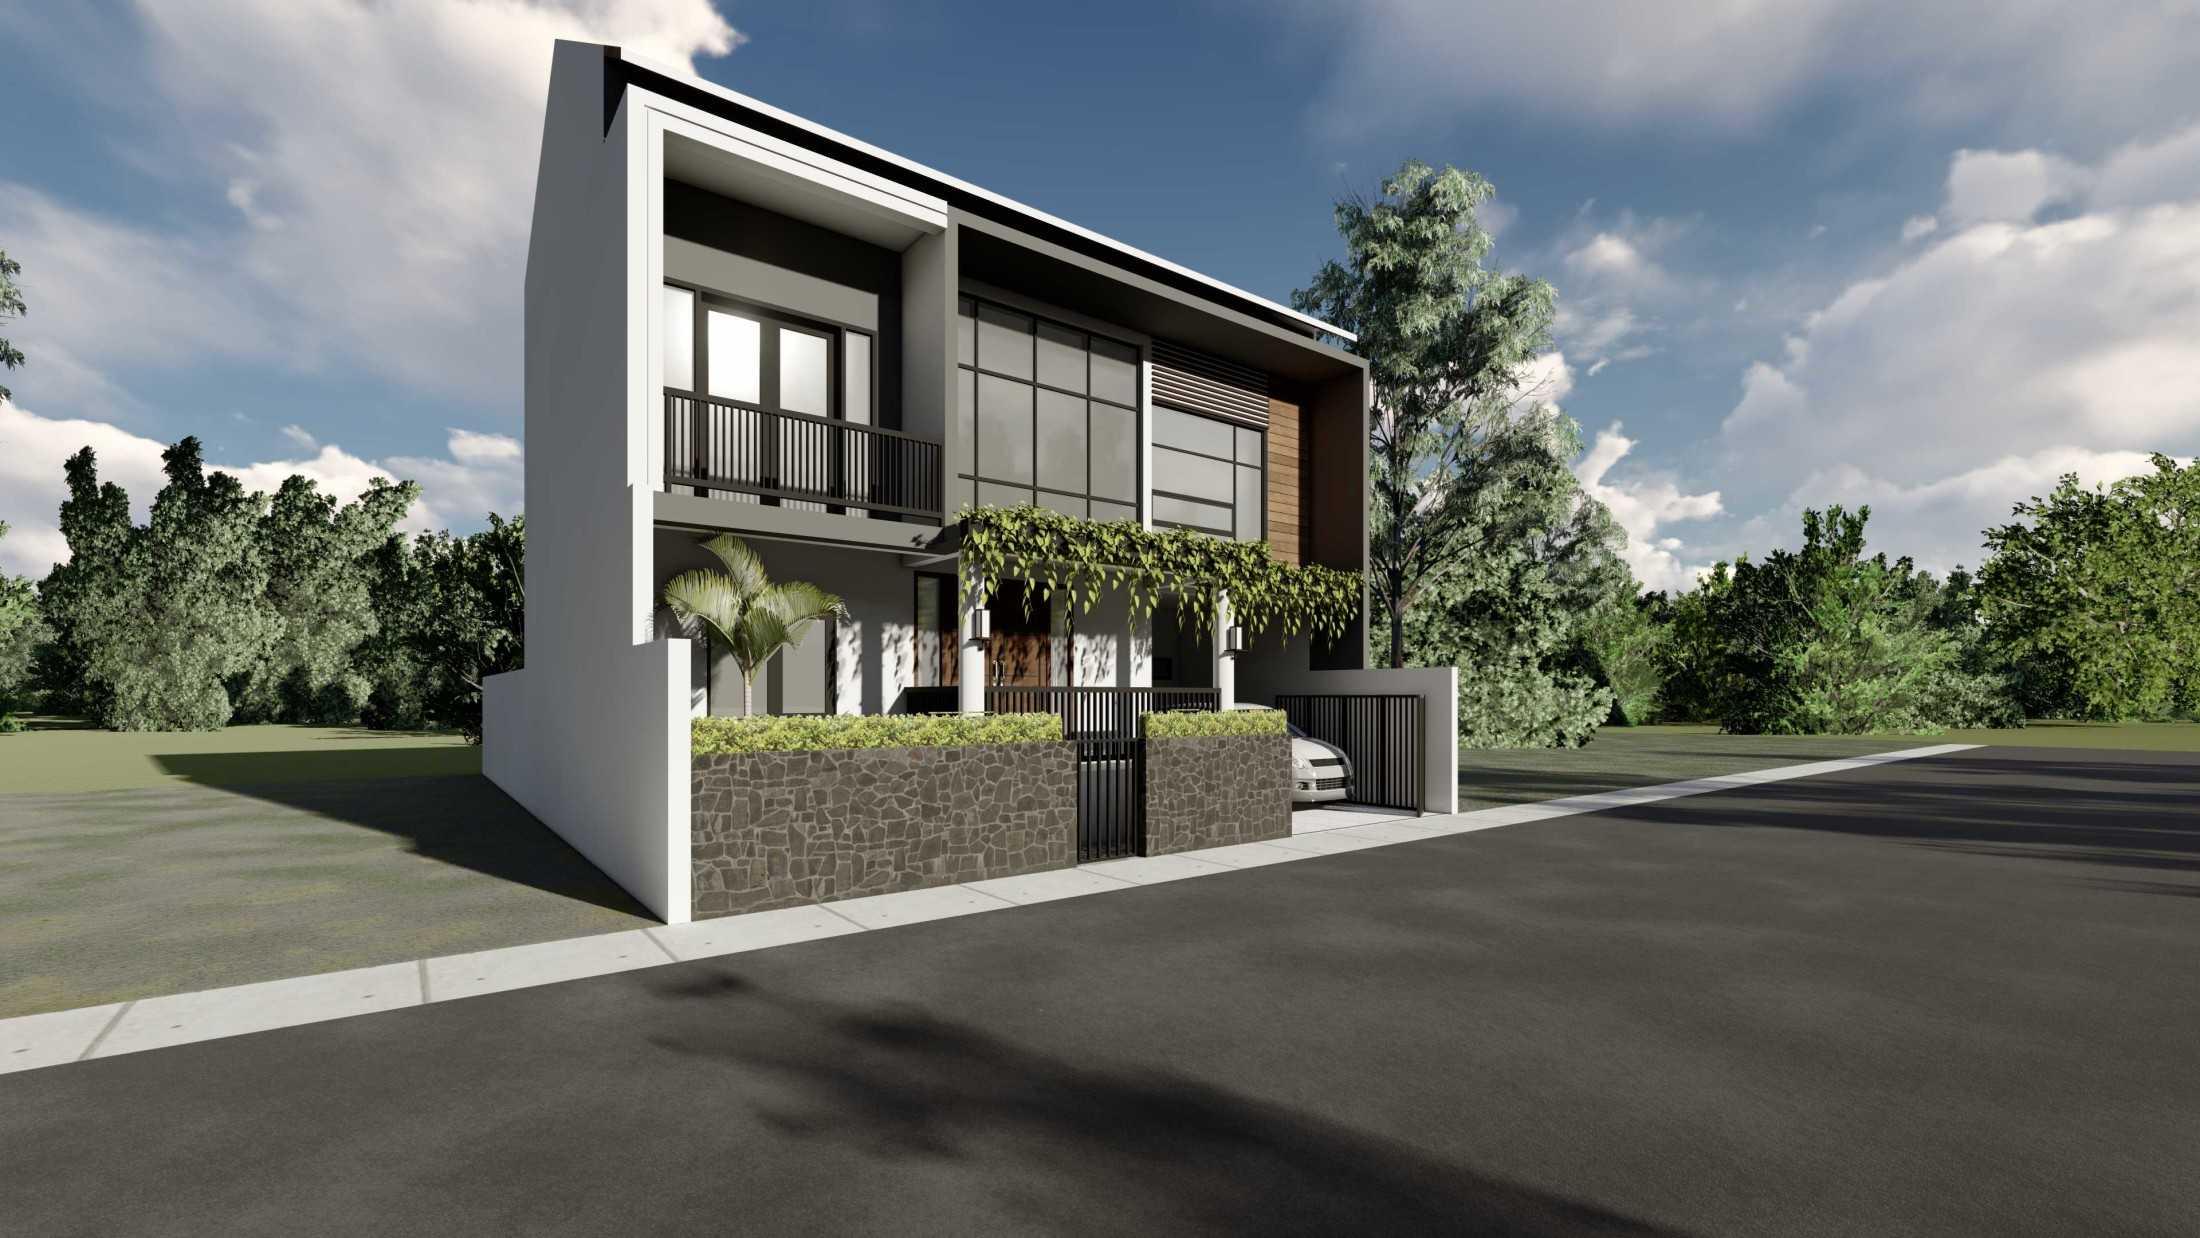 Astabumi Studio Ws House Slawi Tegal, Kota Tegal, Jawa Tengah, Indonesia Padang Cv-Astabumi-Manunggal-Prakarsa-Rumah-2-Lantai-Modern-Lokal  119349